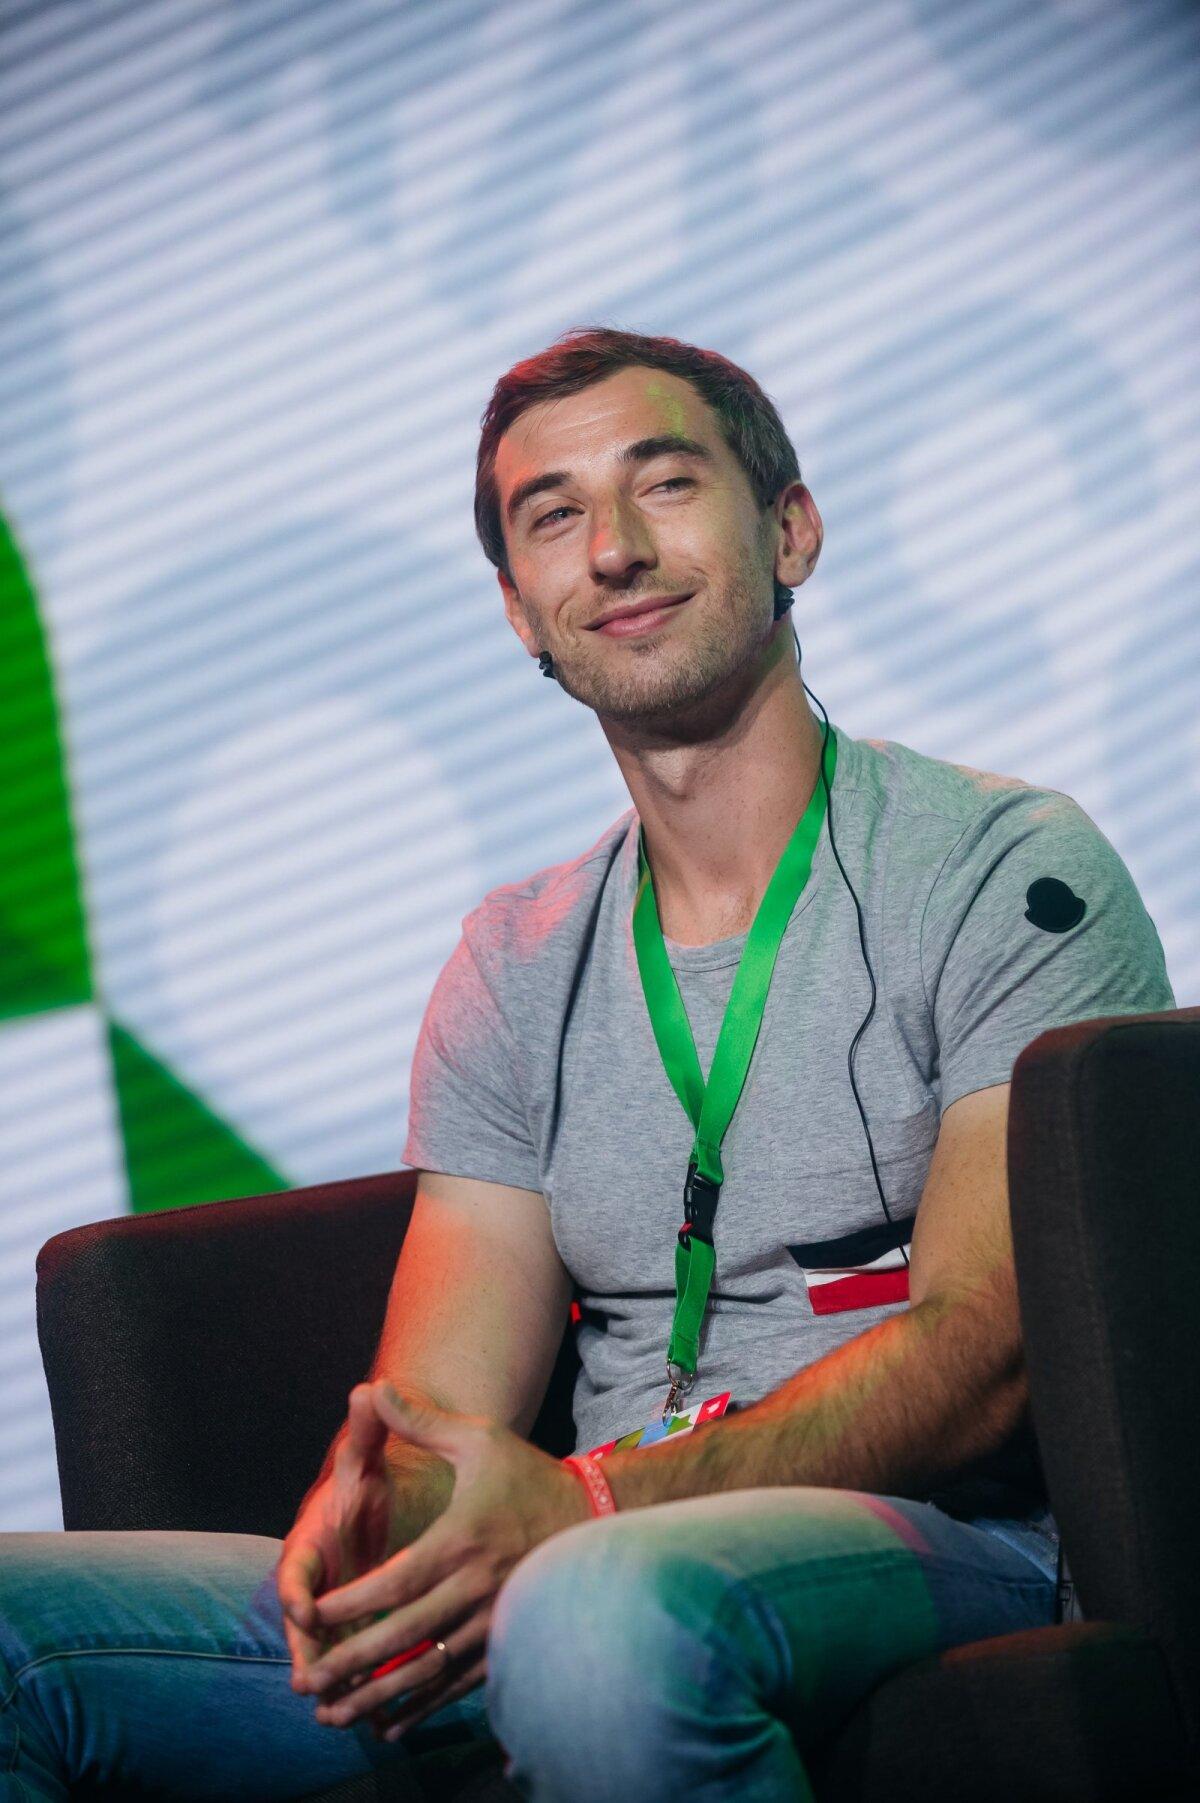 Dmitry Bukhman